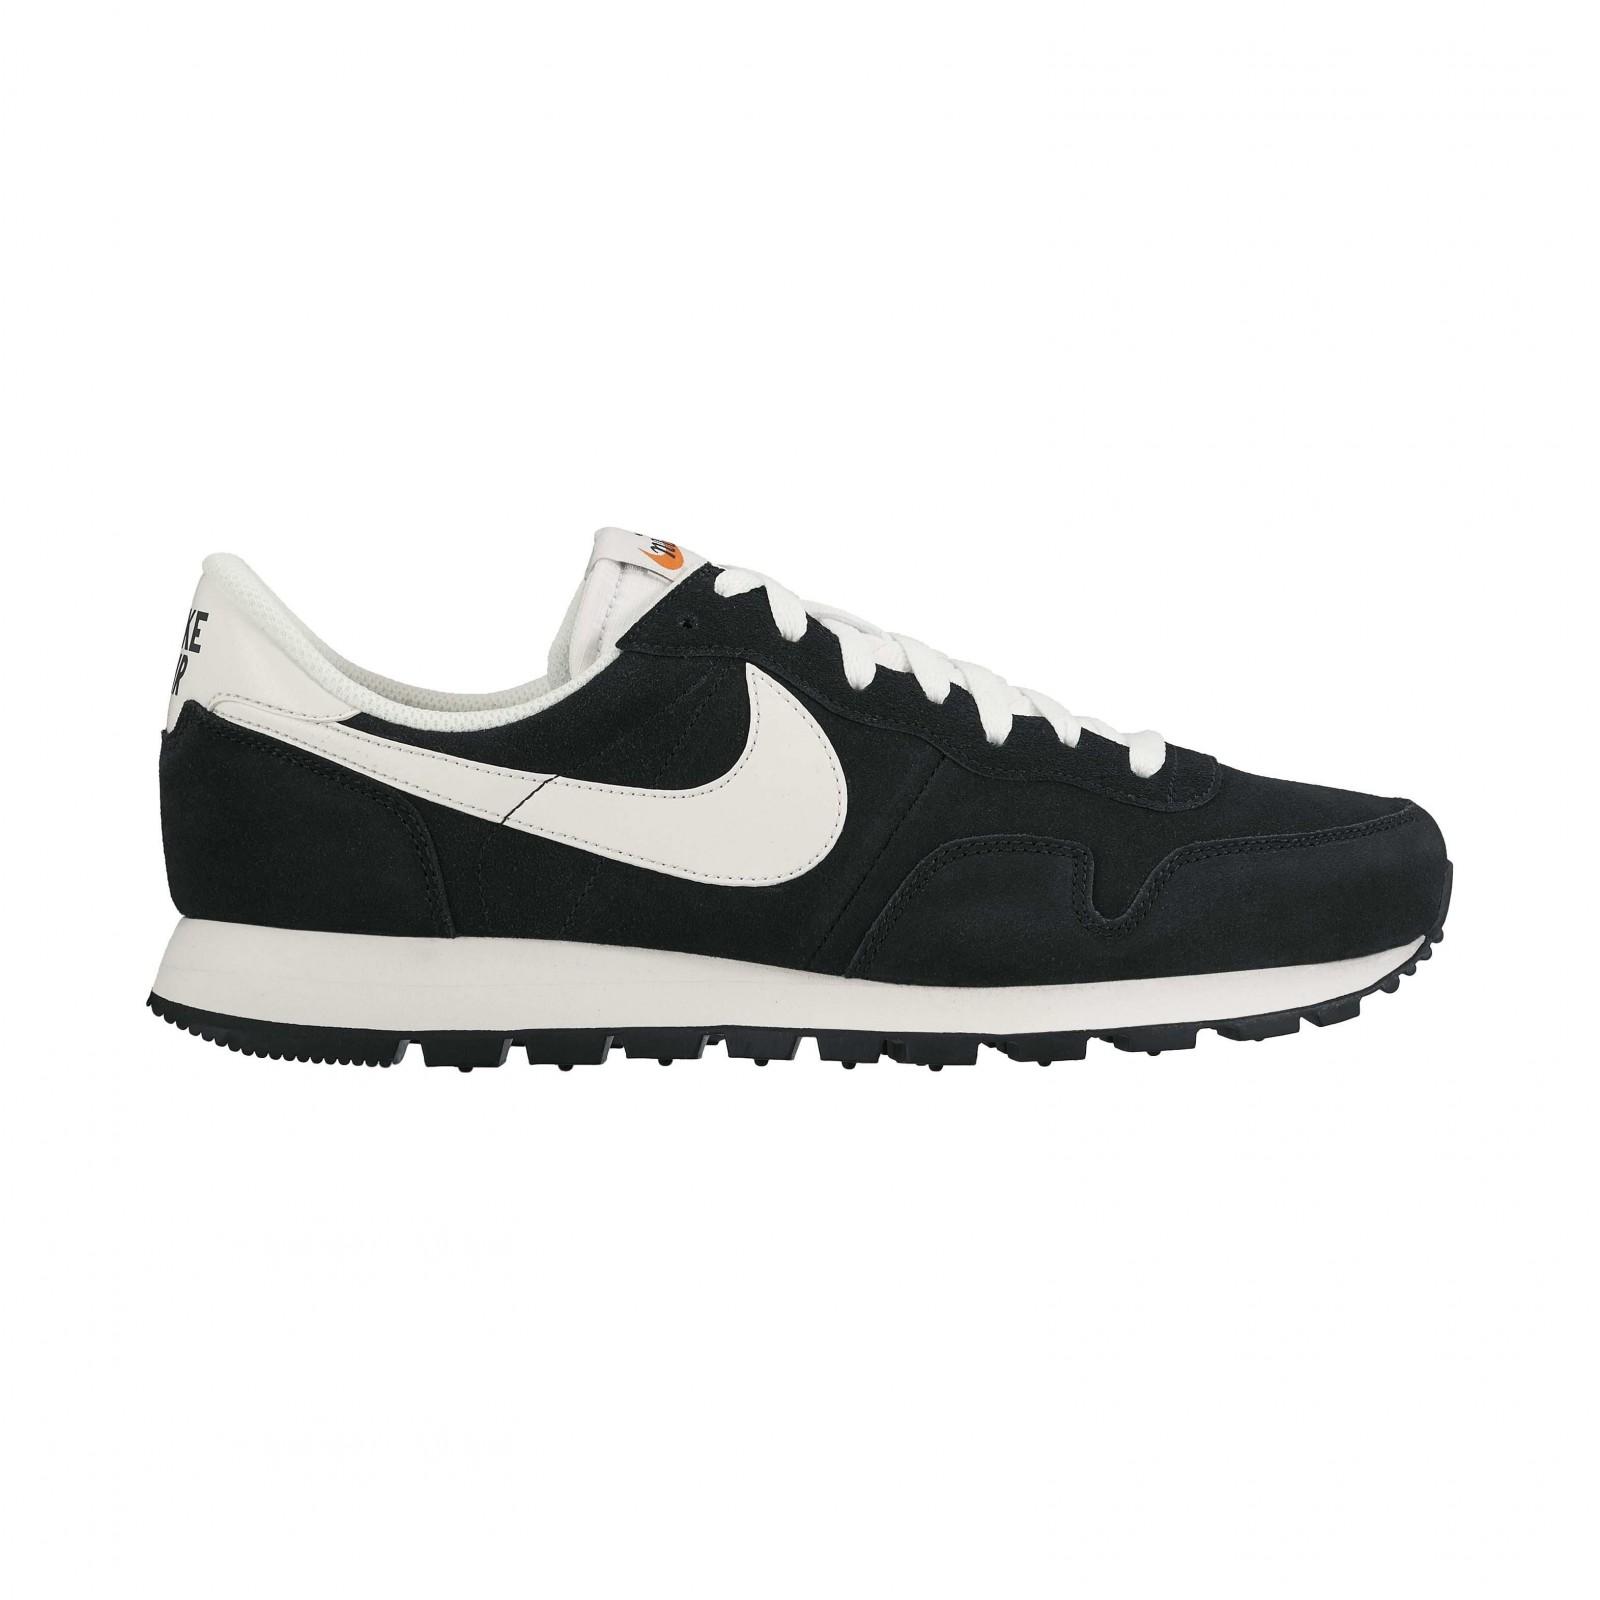 237b7e394f057 Pánské Tenisky Nike AIR PEGASUS 83 LTR BLACK/SUMMIT WHITE-SAIL ...